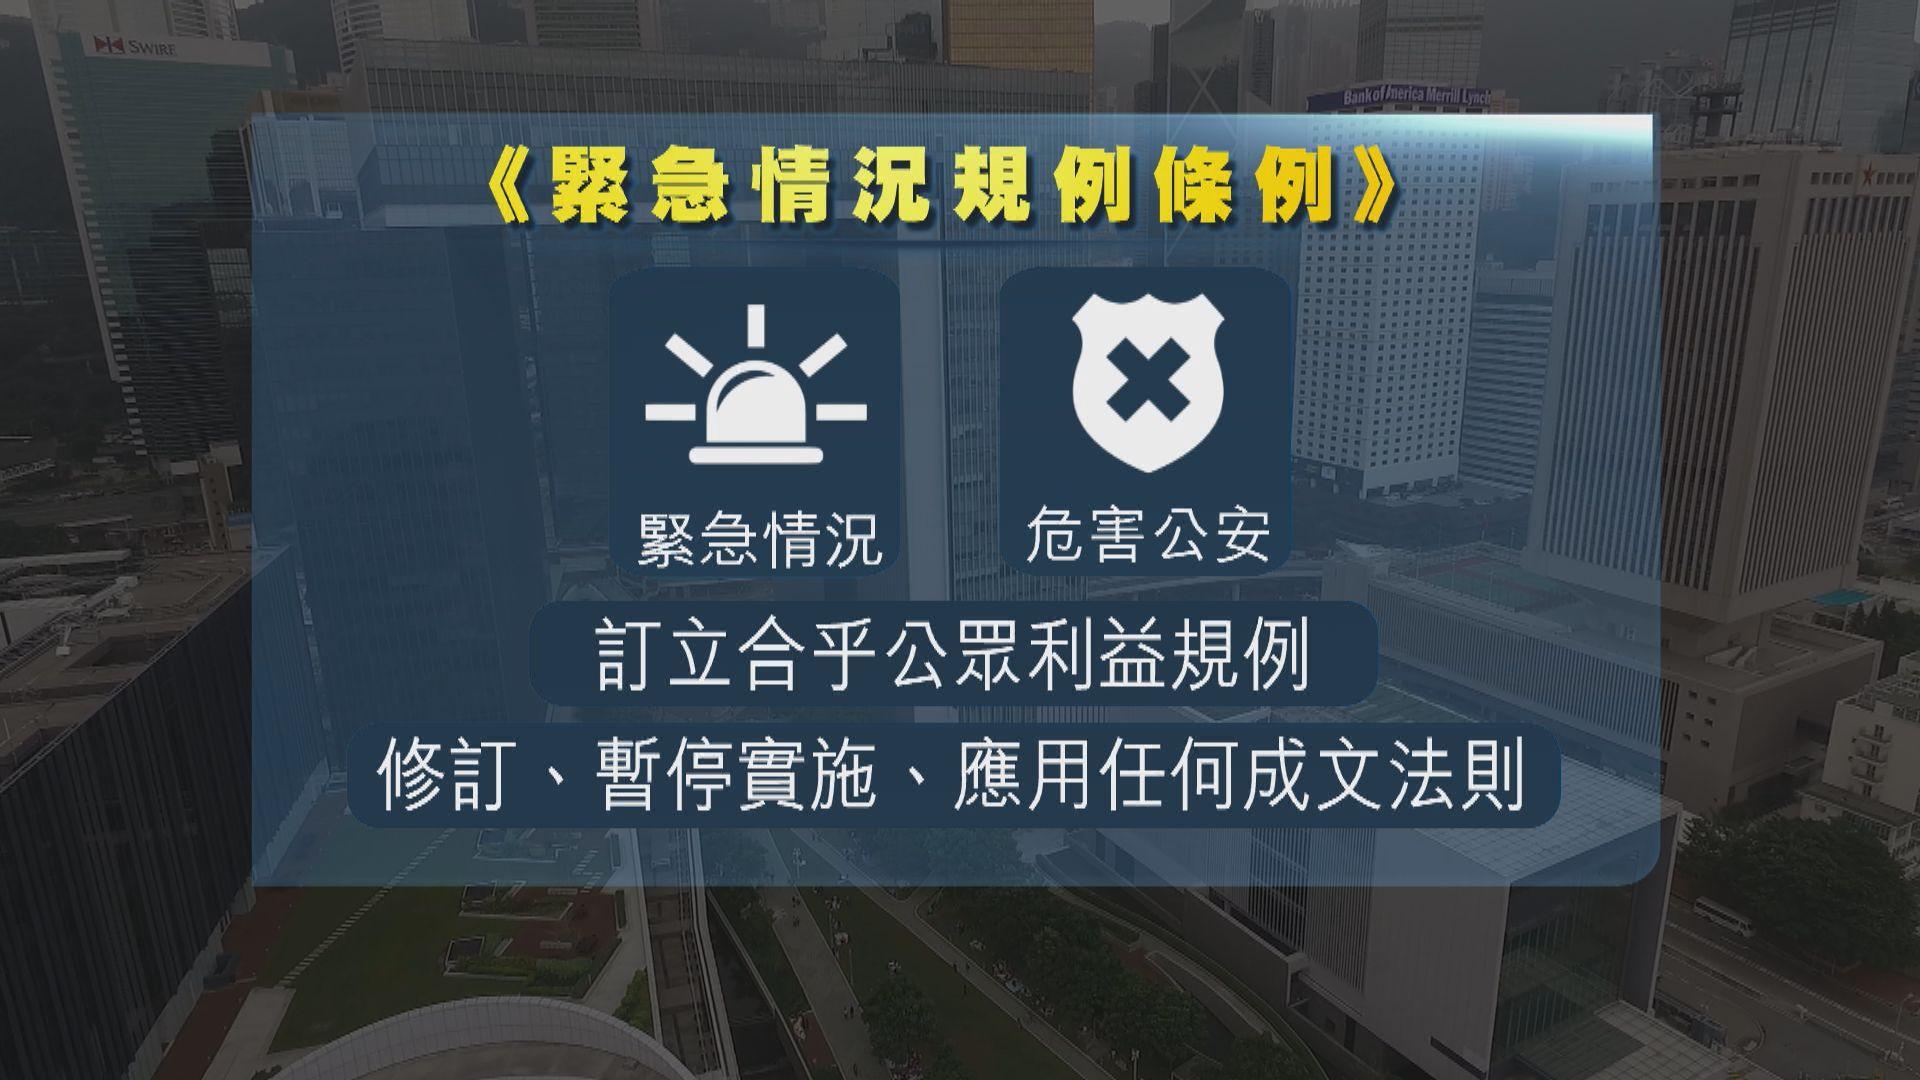 消息:政府擬引用緊急法把立法會選舉押後一年